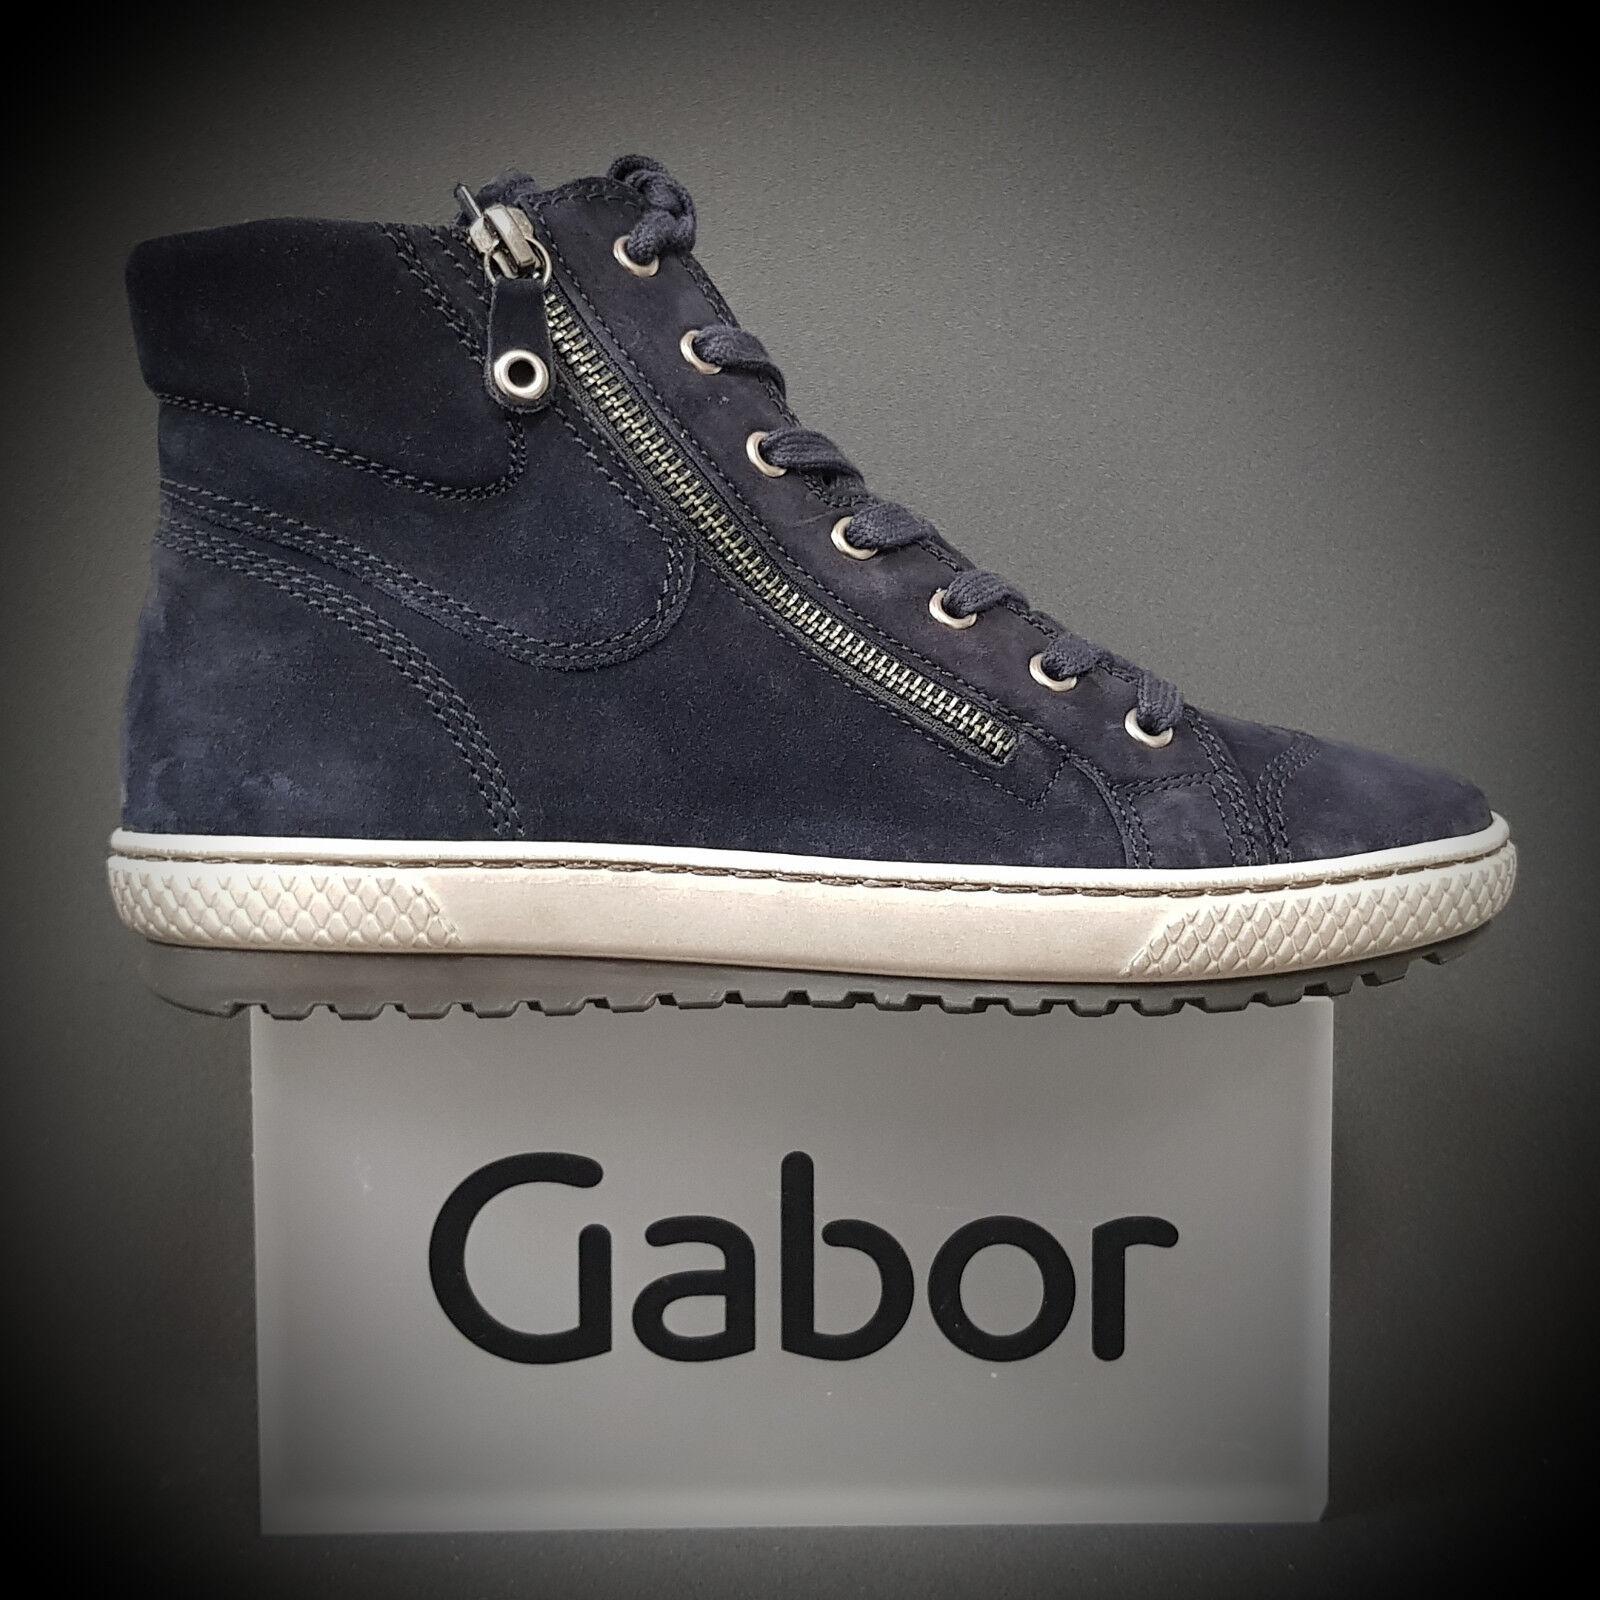 GABOR 93.754.10 Sneaker Stiefelette Steiefel Schuhe Sneaker 93.754.10 Stiefel ocean NEU a58e8d